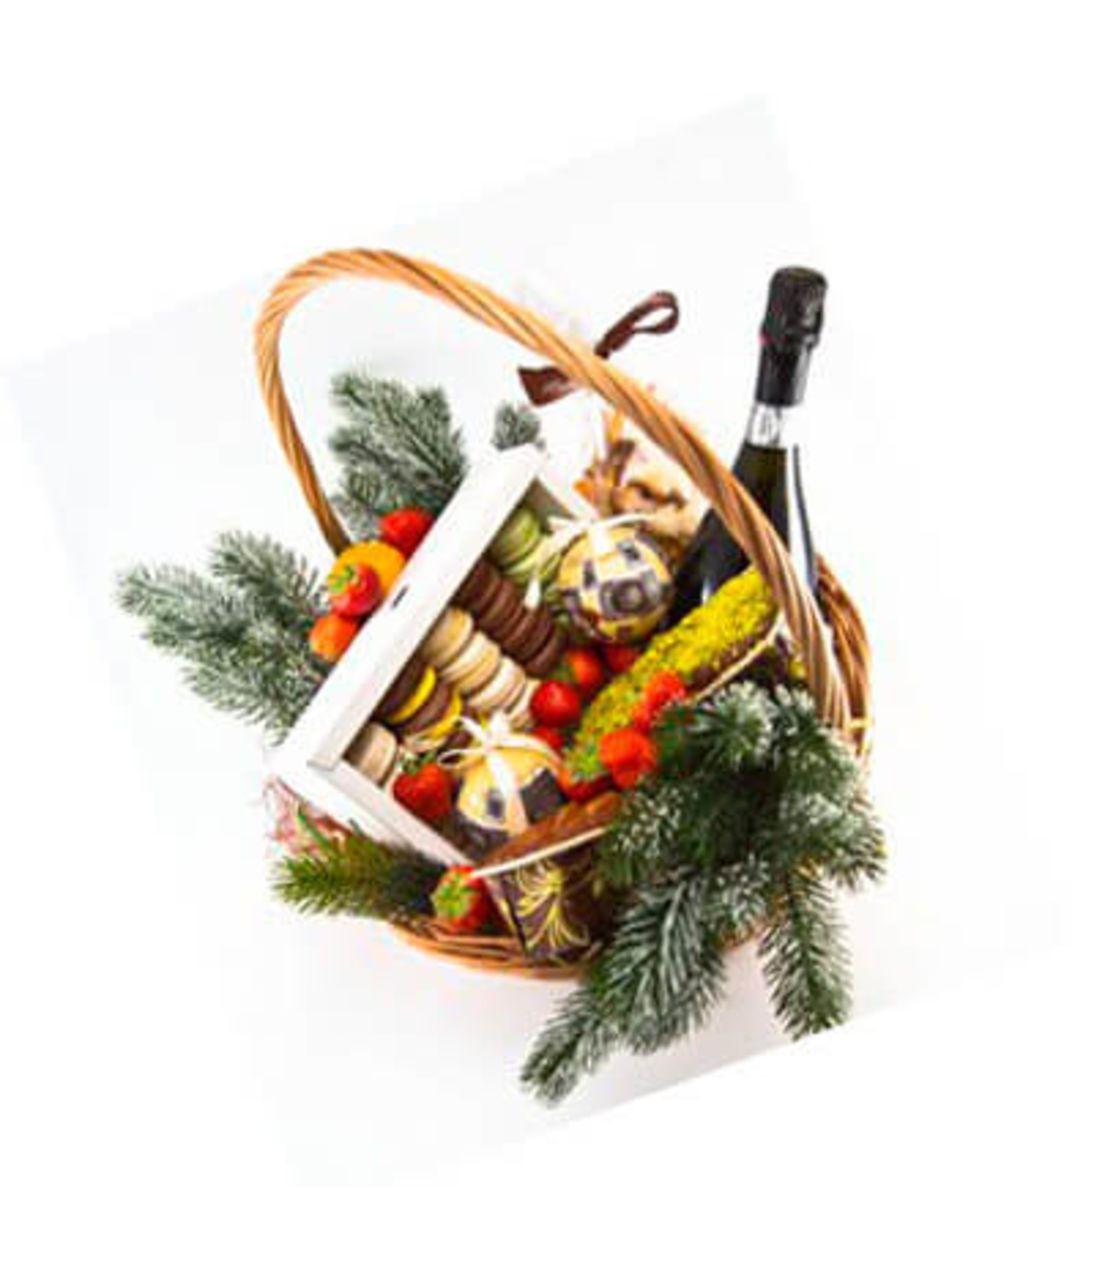 Подарочная новогодняя корзина и 15 Макаронс. Superflowers.com.ua